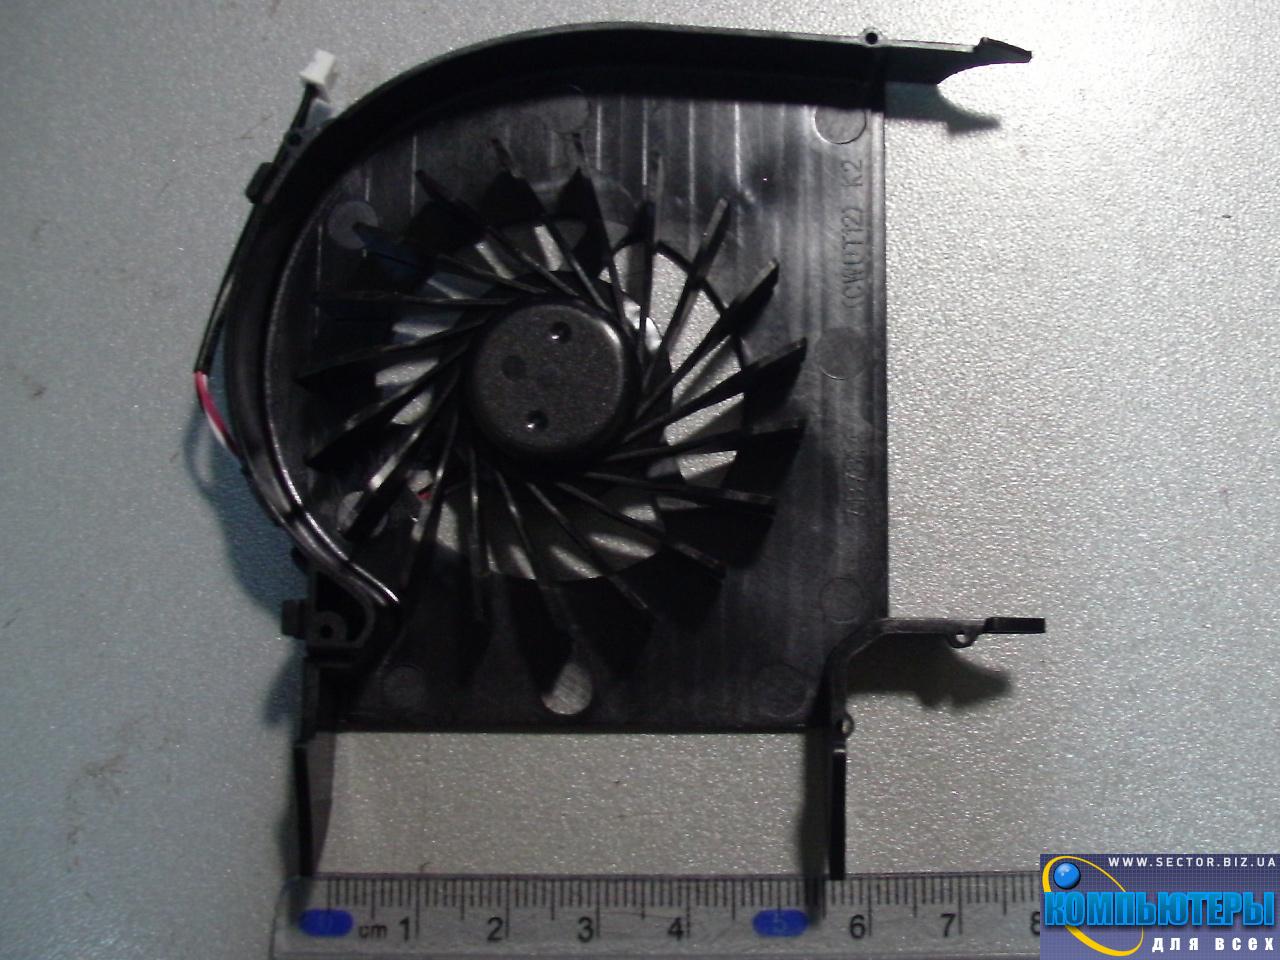 Кулер к ноутбуку HP Pavilion DV6-1000 DV6-1100 DV6-1200 DV6-2000 DV6-2100 DV6-2200 DV6 DV6T DV6Z p/n: AB7805HX-L03. Фото № 2.